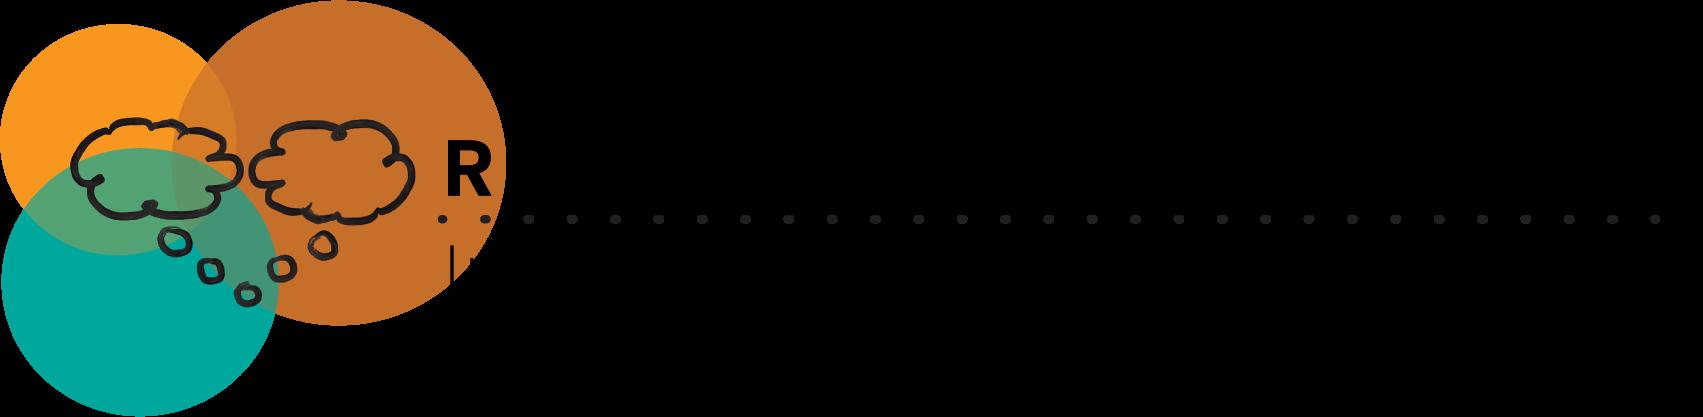 reflective parenting logo_Nov2018